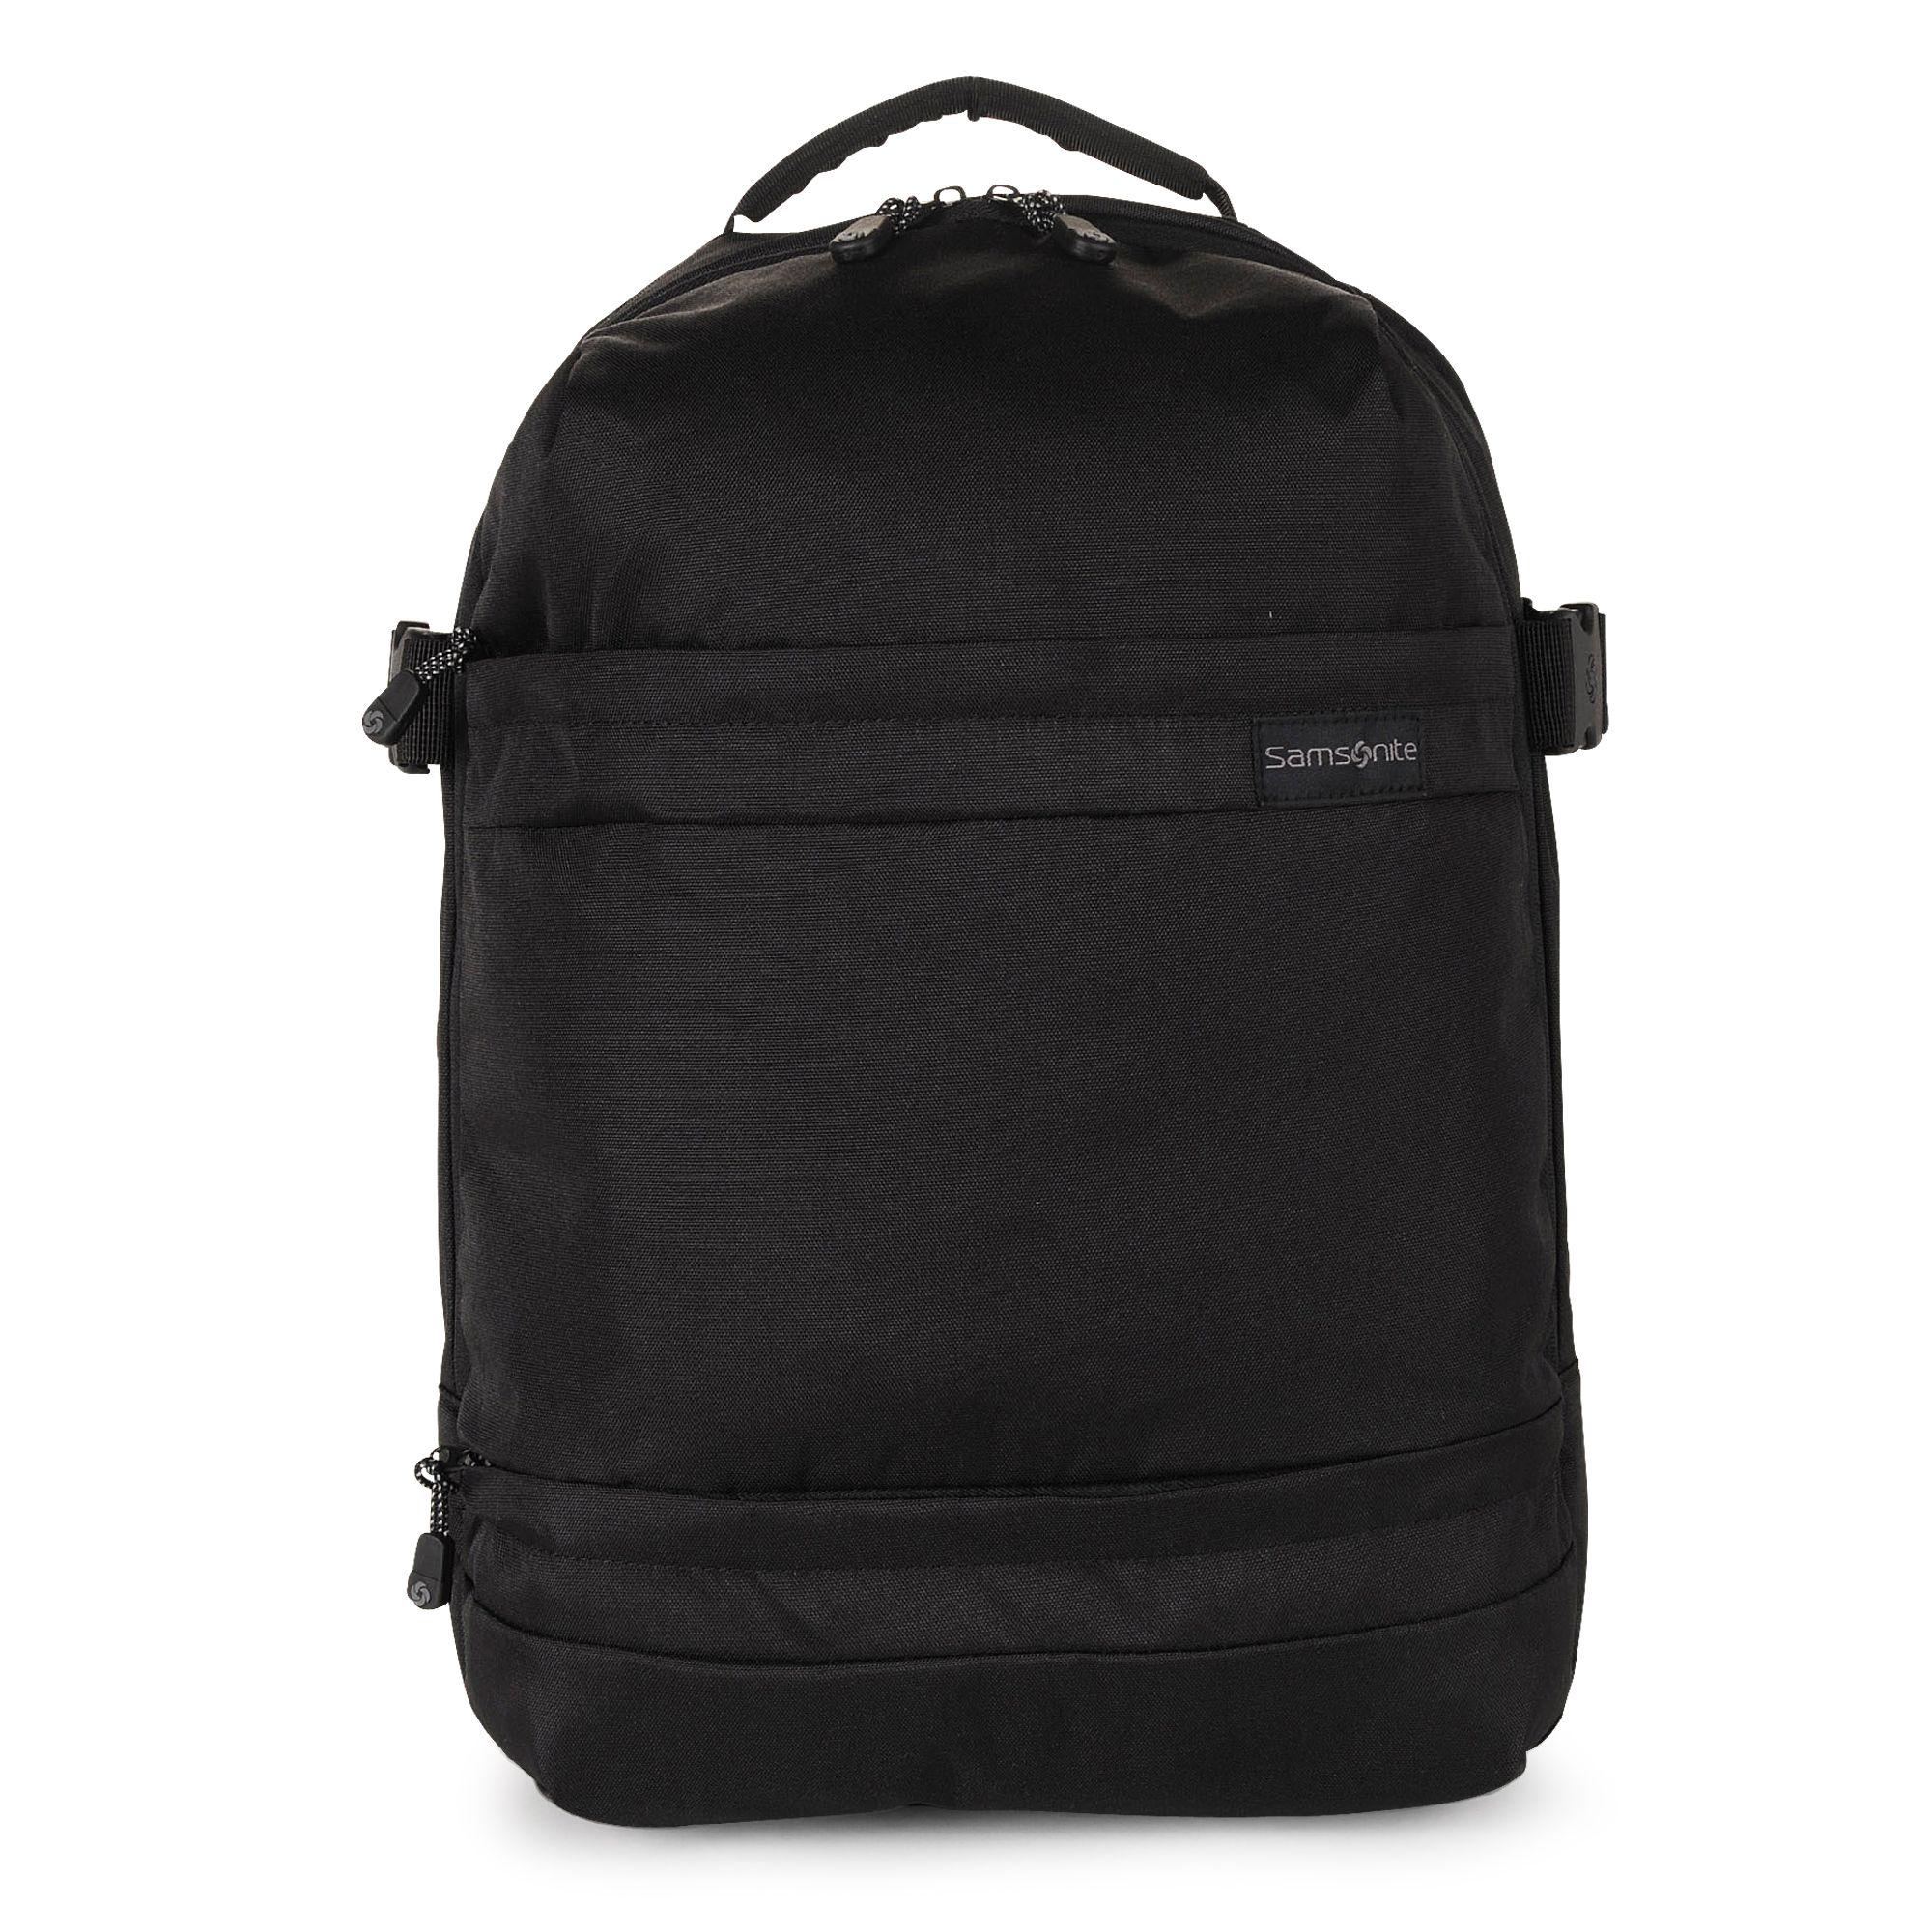 Samsonite Metatrak Laptop Backpack Large In Black For Men | Lyst